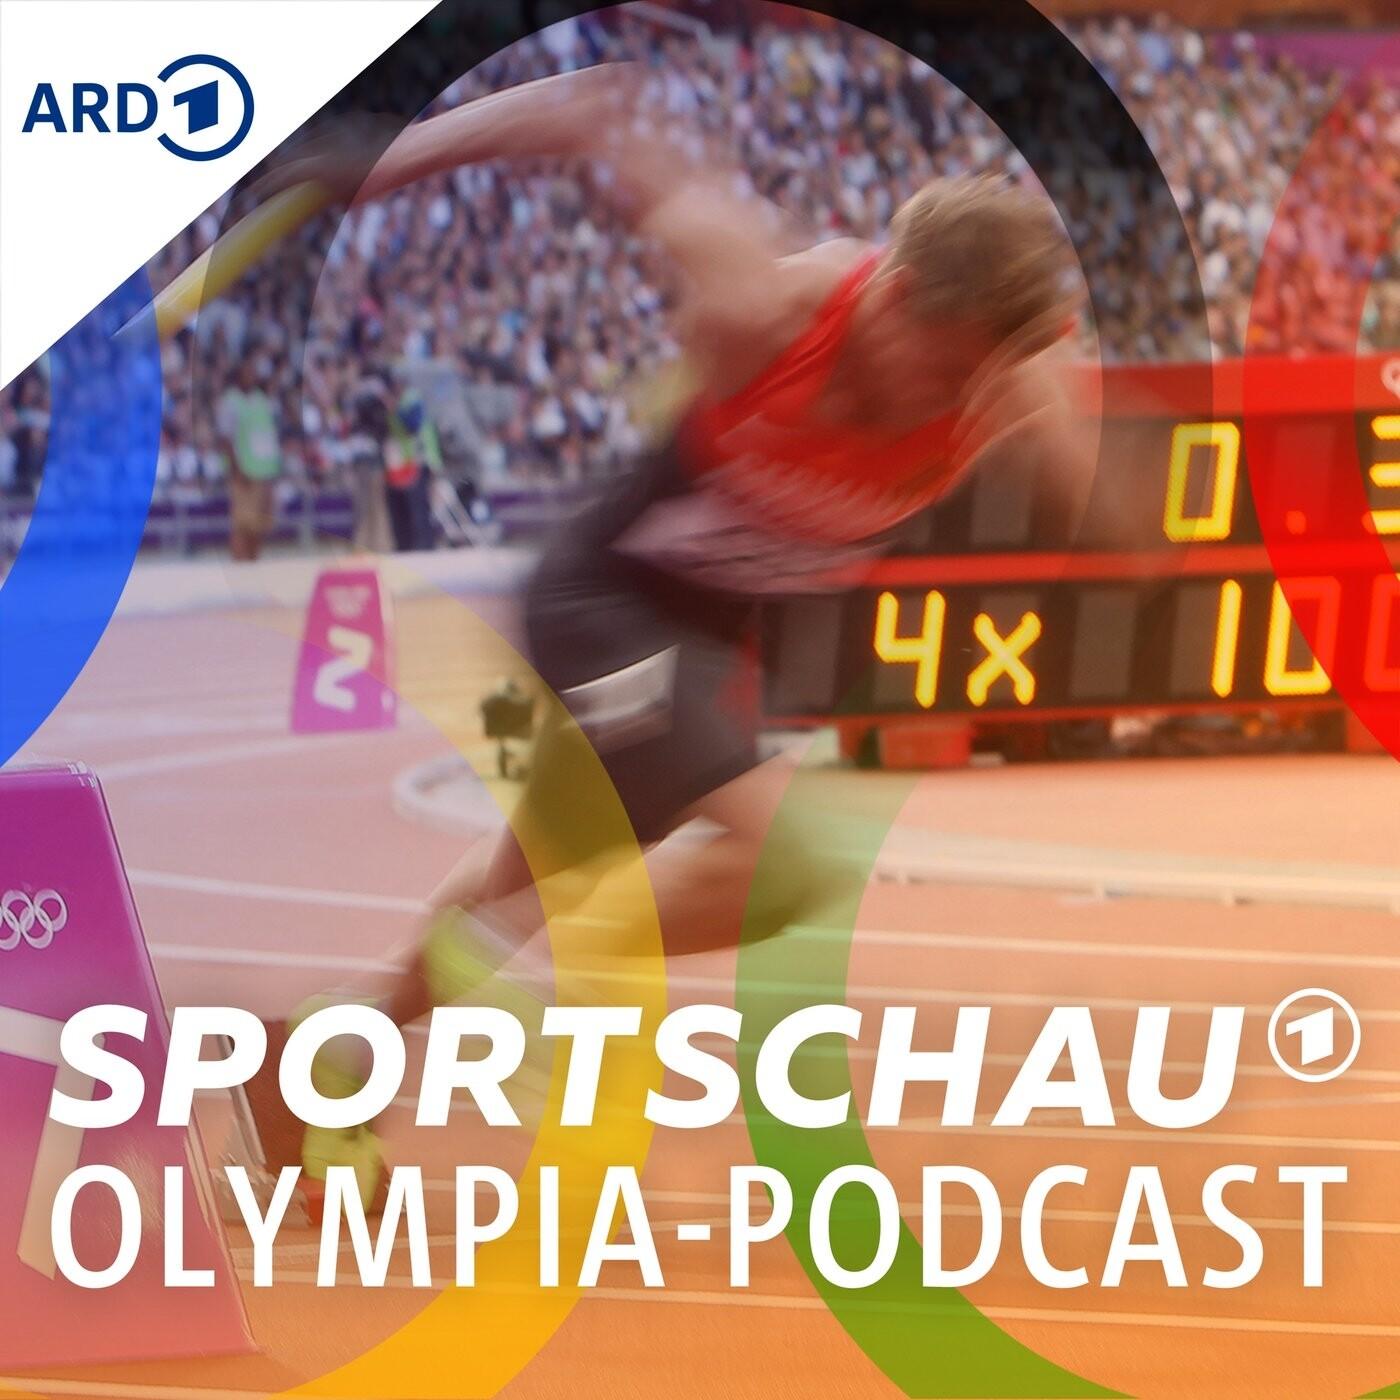 Gewichtheben: Eine Sportart vor dem IOC-Aus, Schwimmen: DM fällt ins Wasser